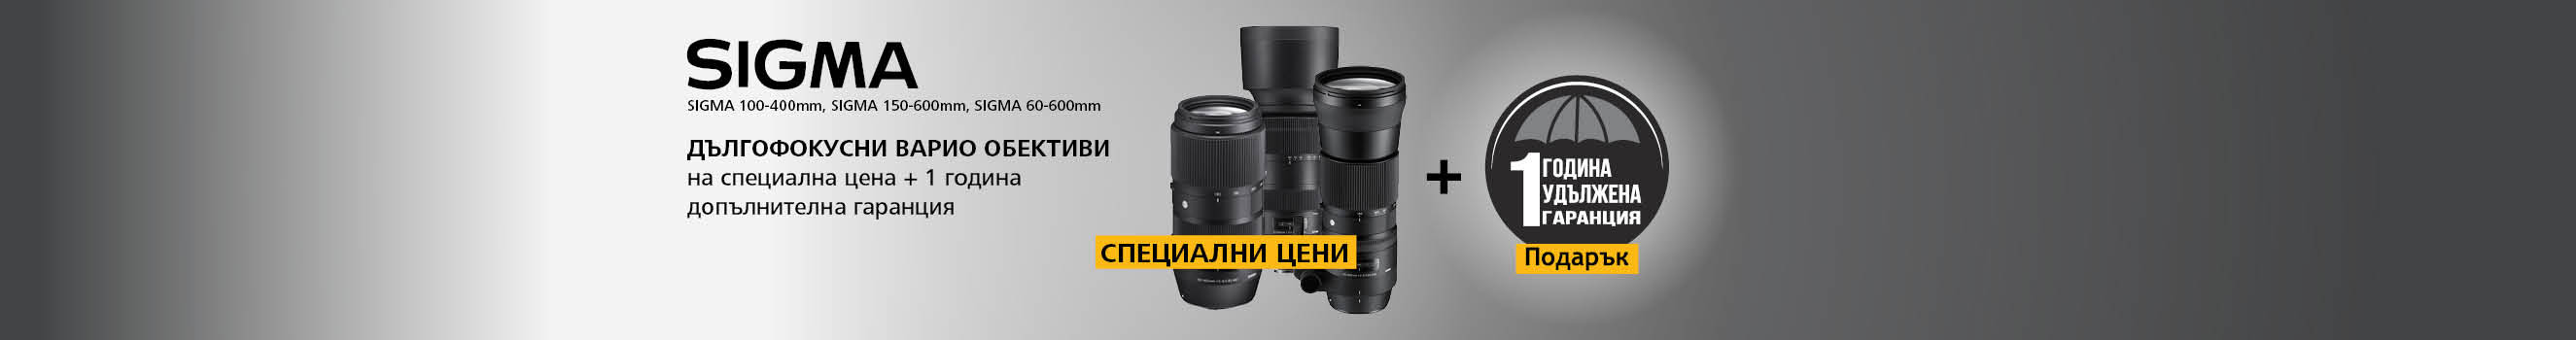 Обективи Sigma за DSLR фотоапарати Canon и Nikon с 1 година допълнителна гаранция и на супер цени